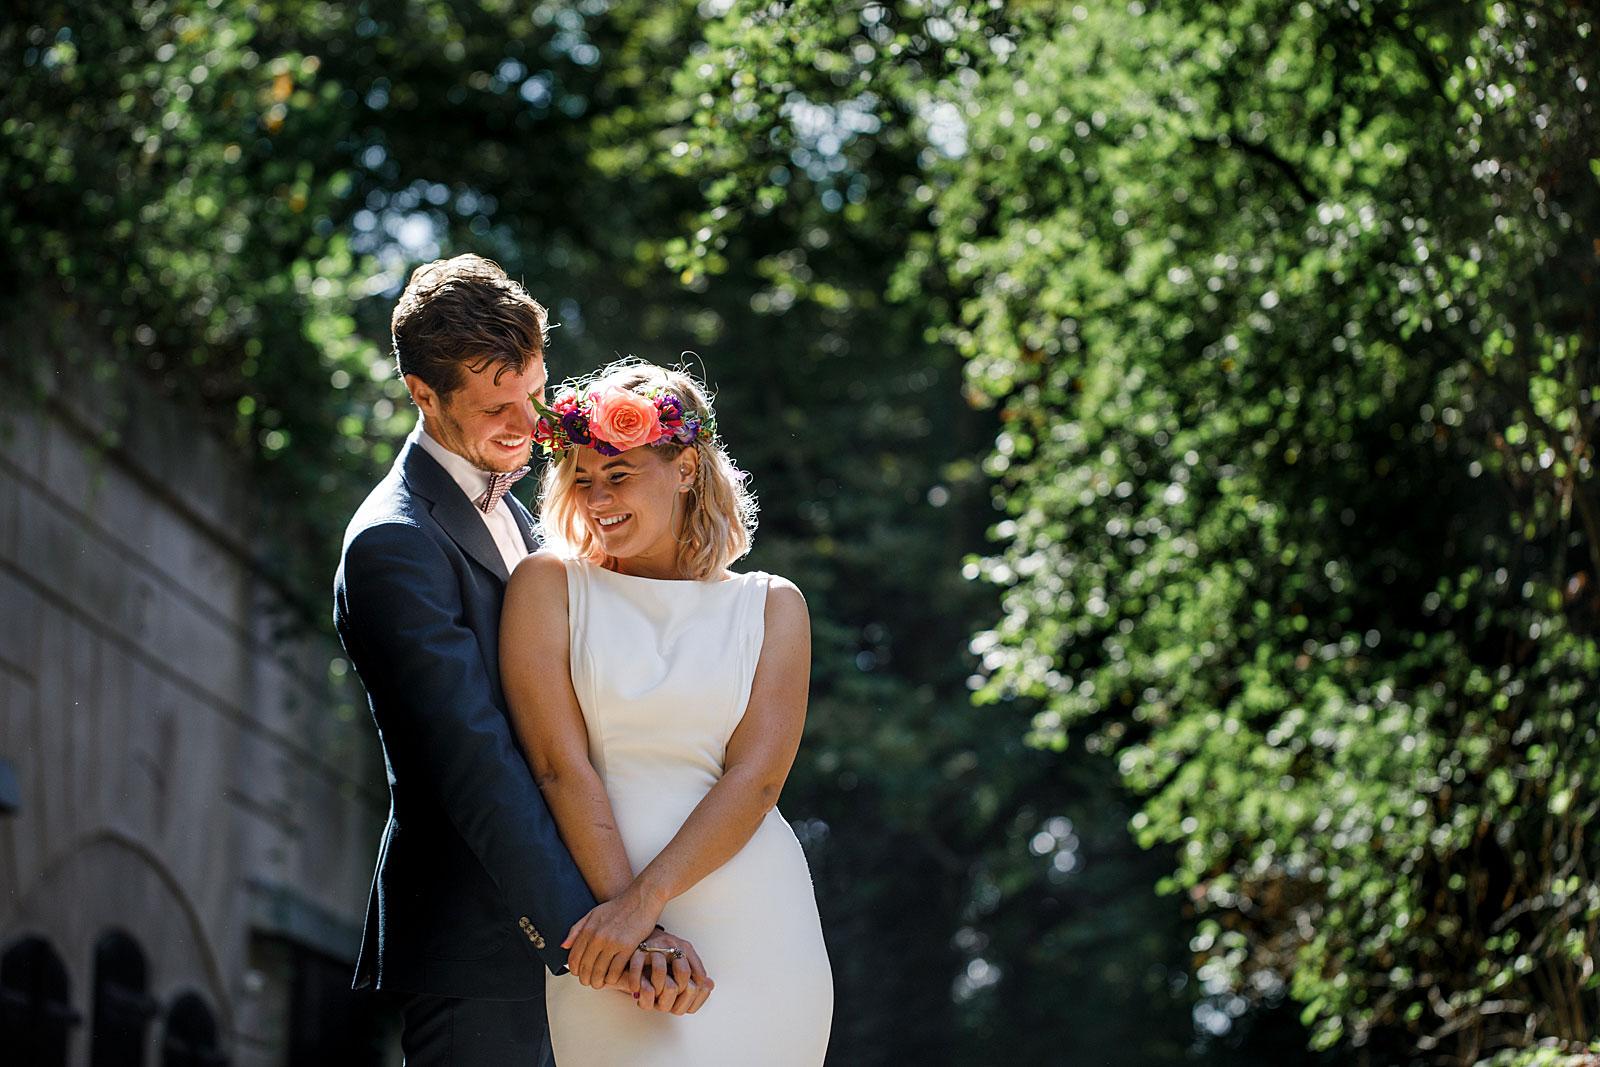 13-fotoshoot-bruidspaar-abcoude